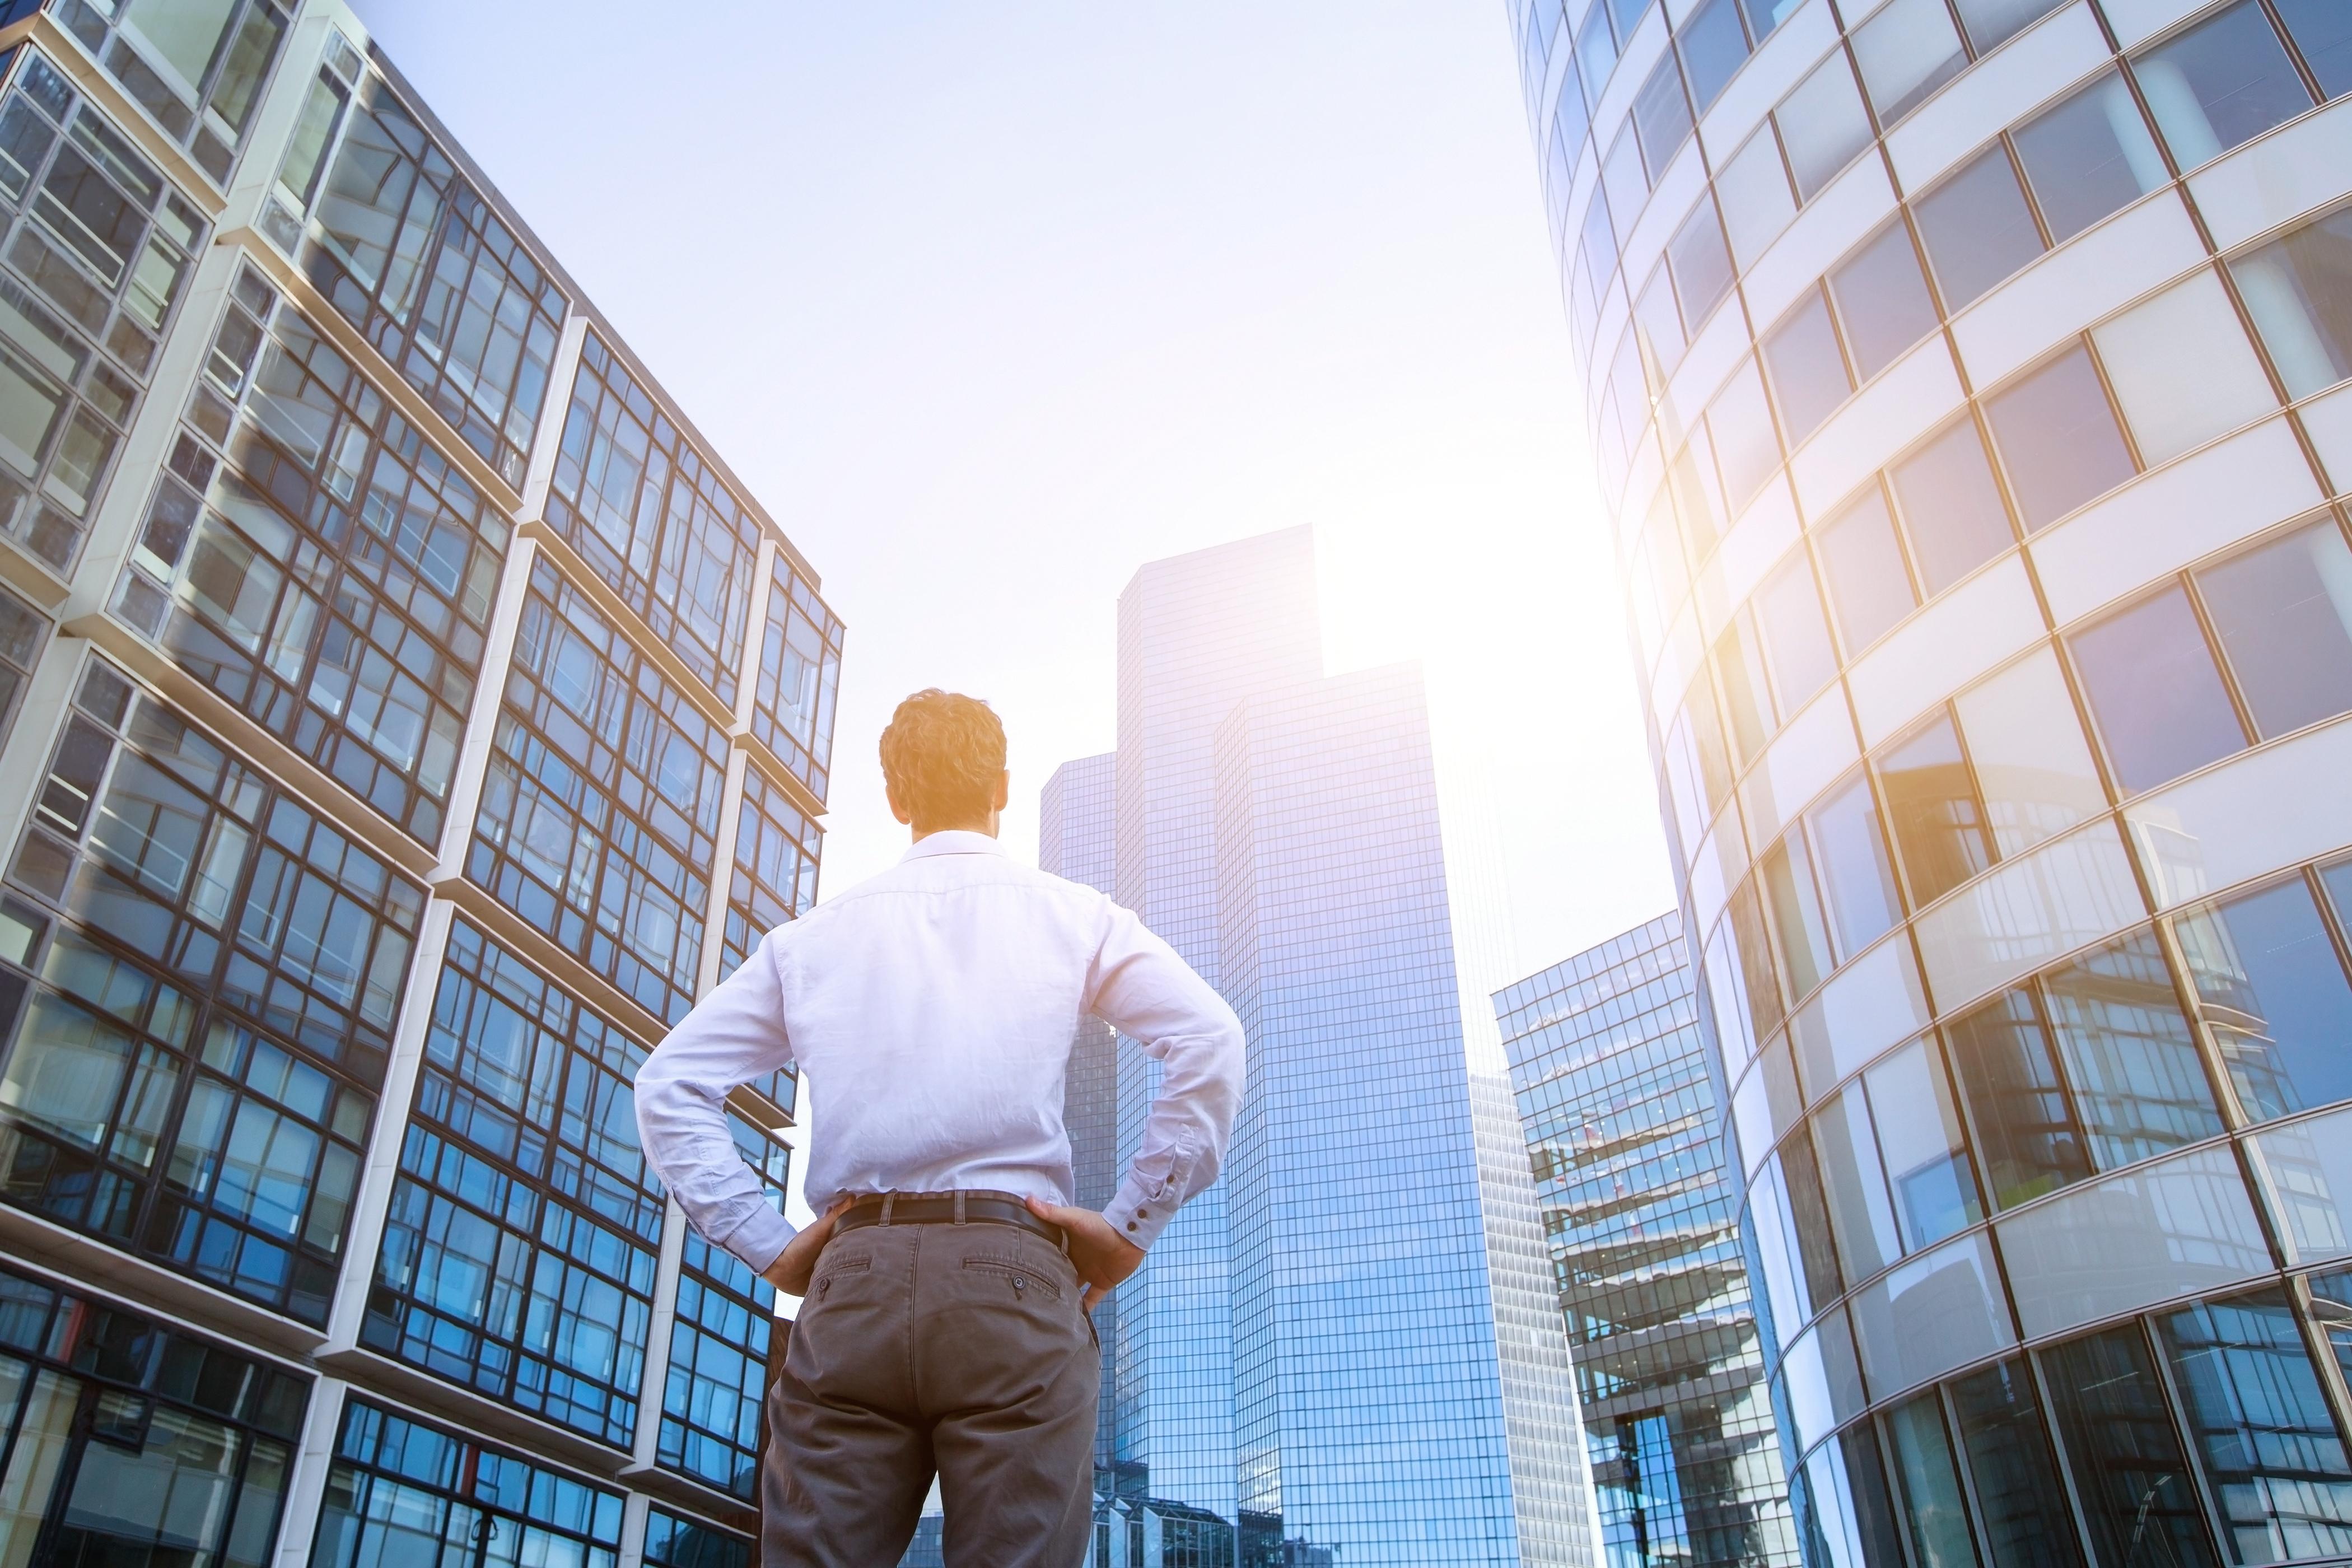 פירוק חברות ועסקים